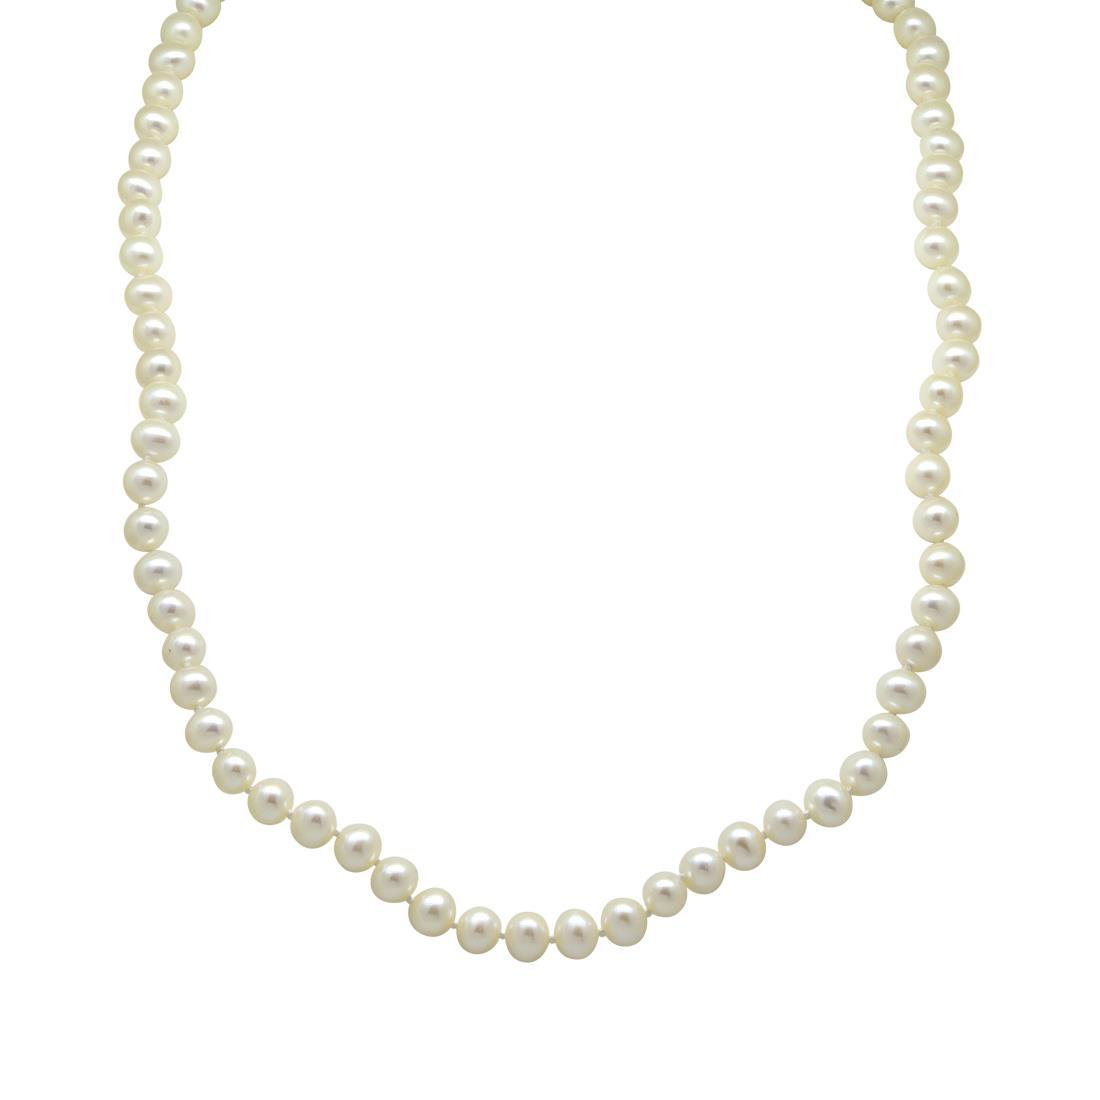 Collana con perle e pietre semipreziose, lunghezza 45 cm + bracciale 19 cm - RIVIK